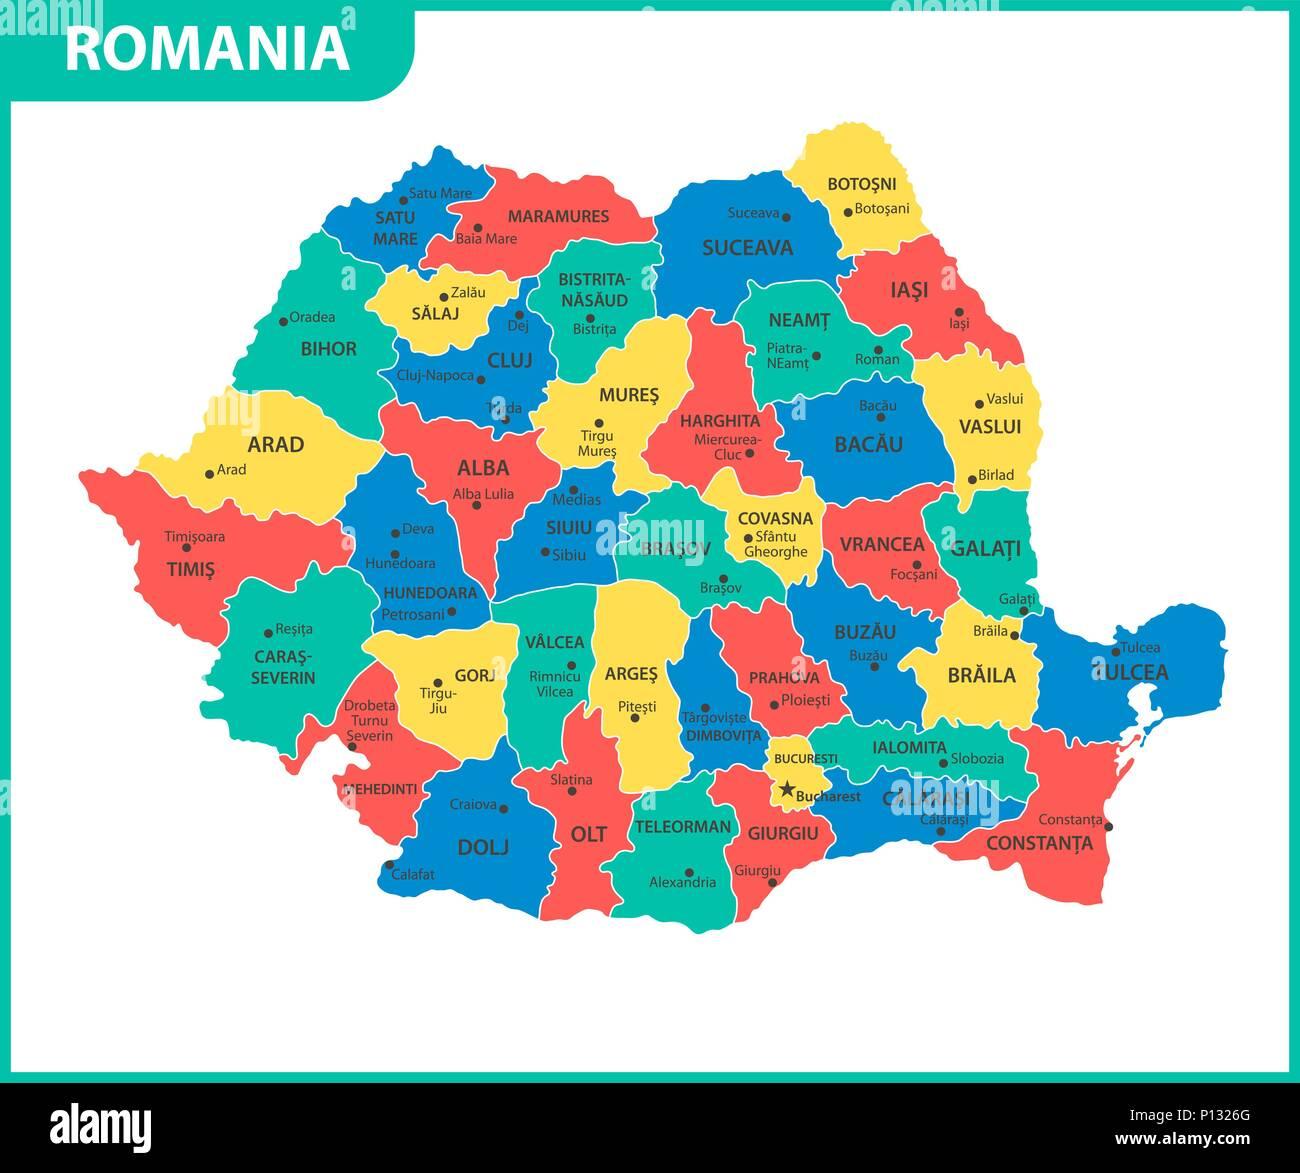 Carte Roumanie Villes.La Carte Detaillee De La Roumanie Avec Les Regions Ou Etats